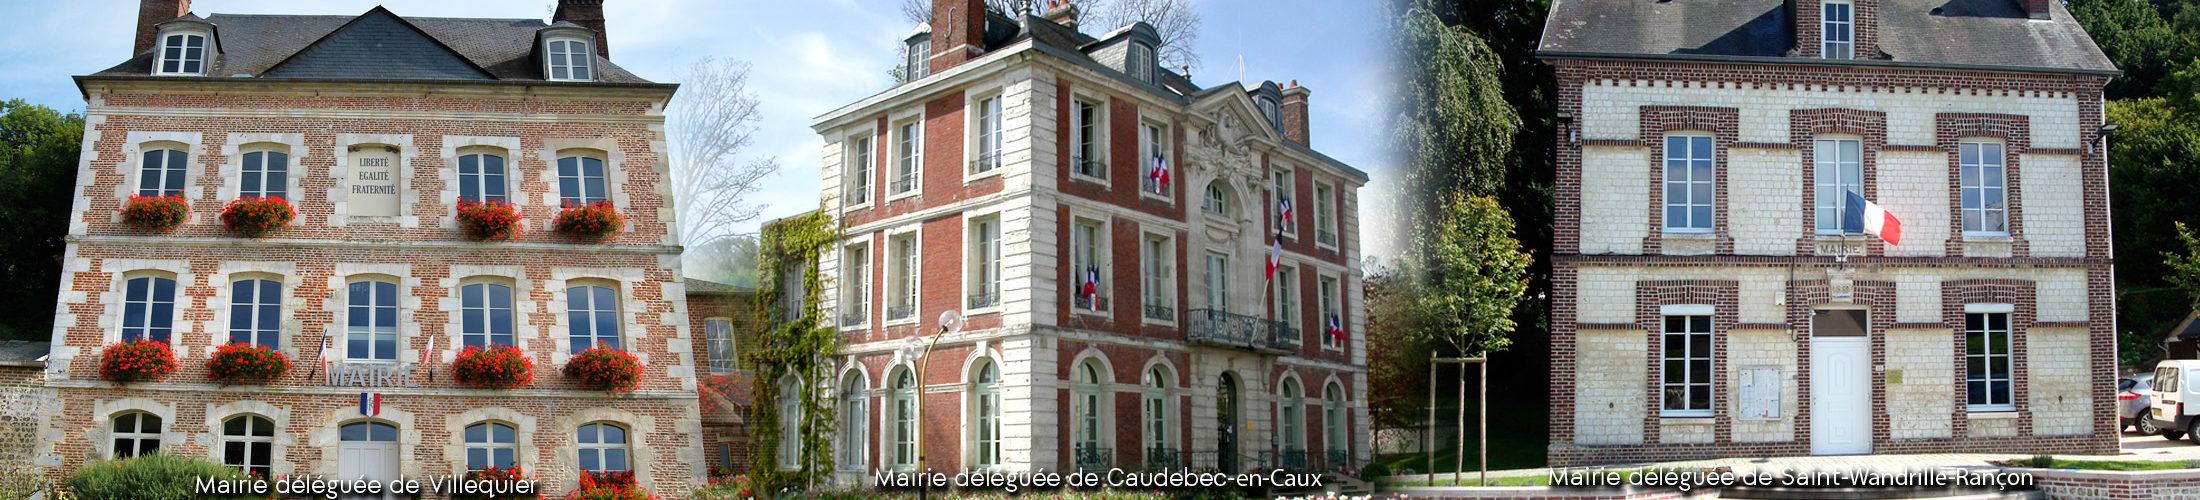 Services Municipaux La Mairie de Rives-en-Seine est organisée en 8 pôles/services.  Pôle assemblées, affaires générales et proximité    1